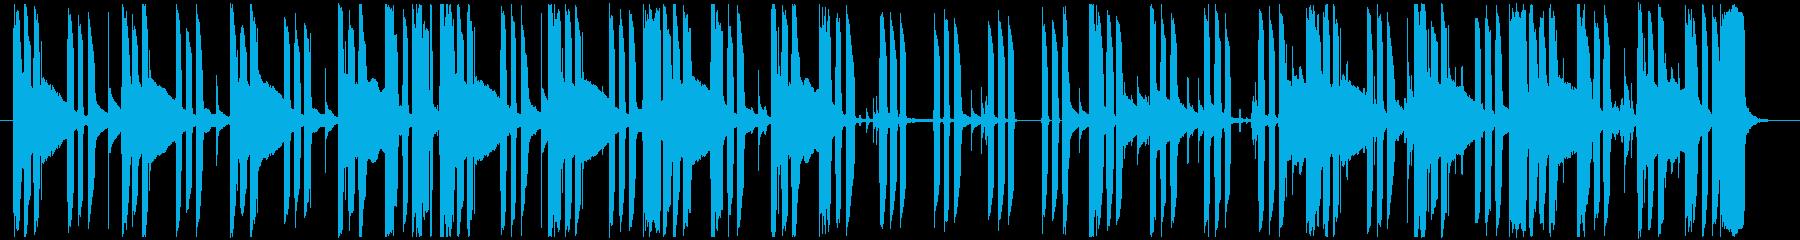 ミステリー・サスペンスの日常曲2の再生済みの波形